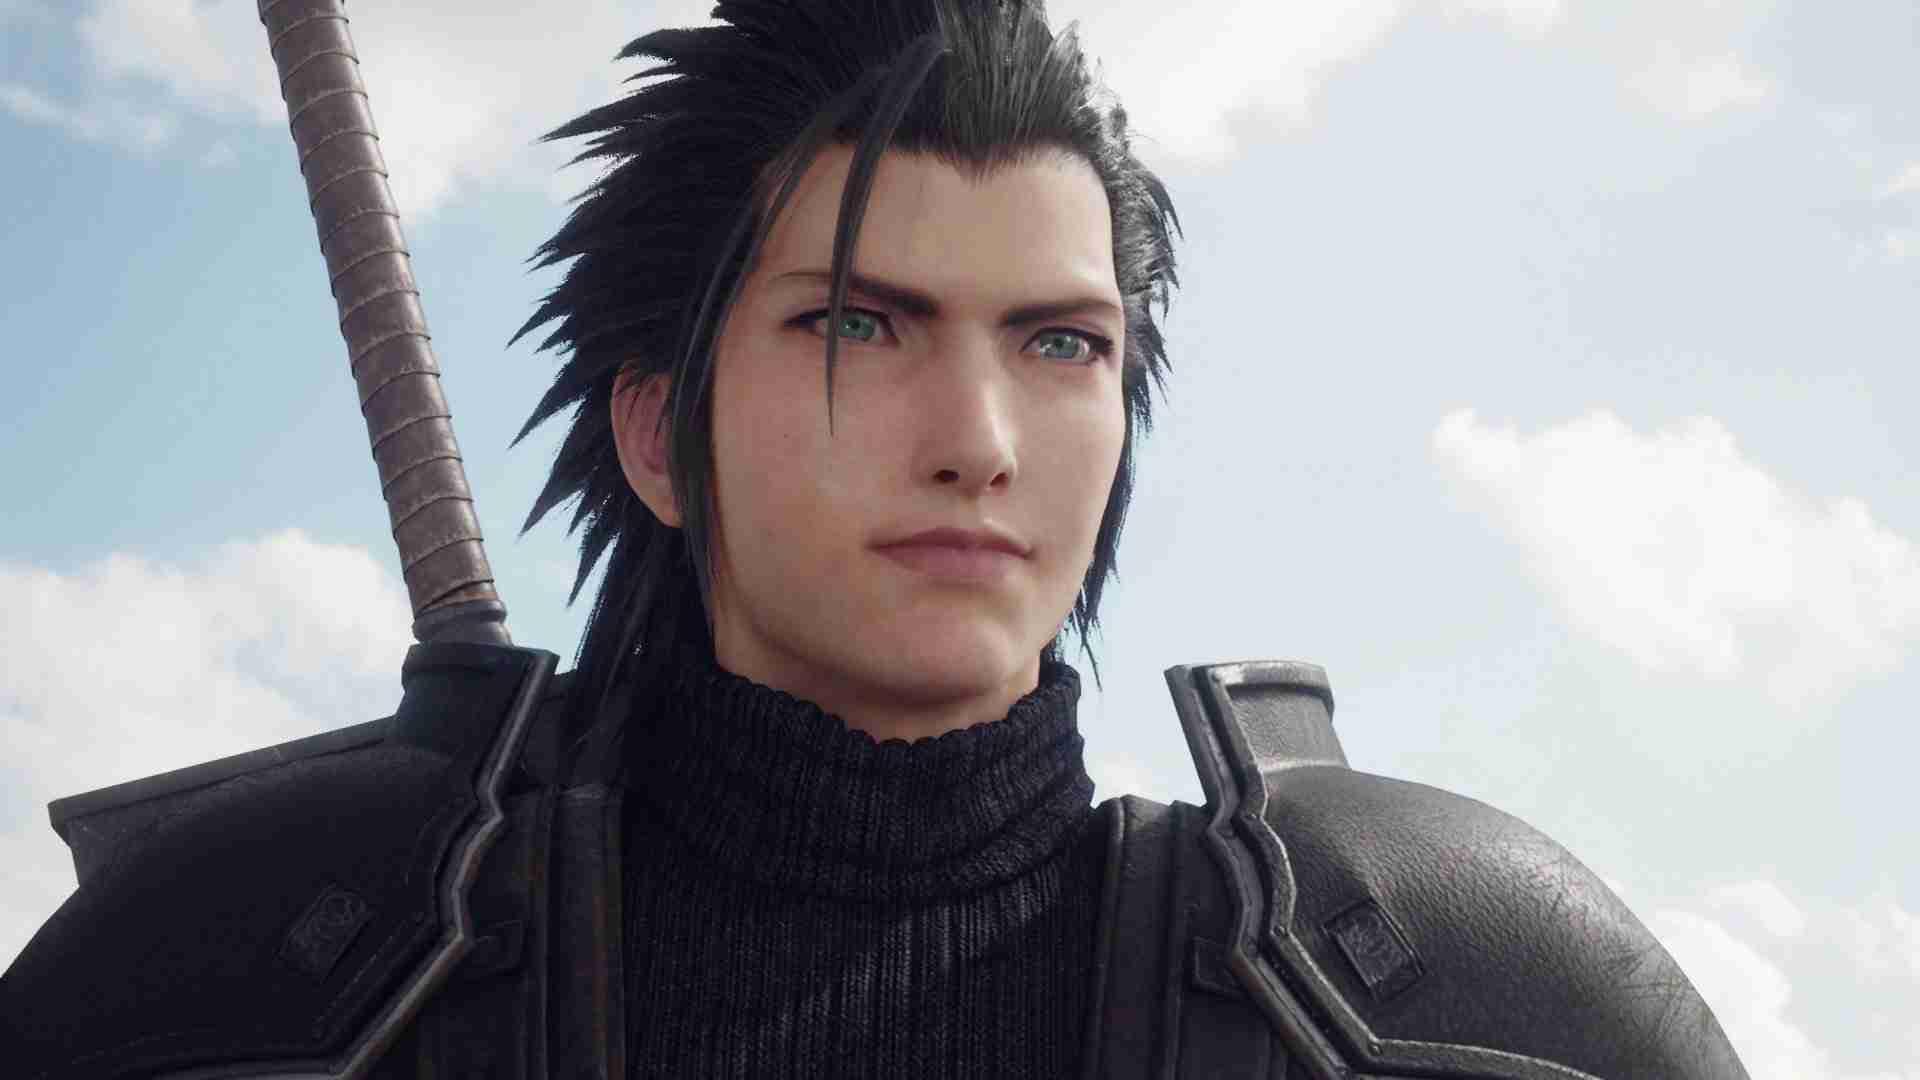 Zack Final Fantasy VII Remake